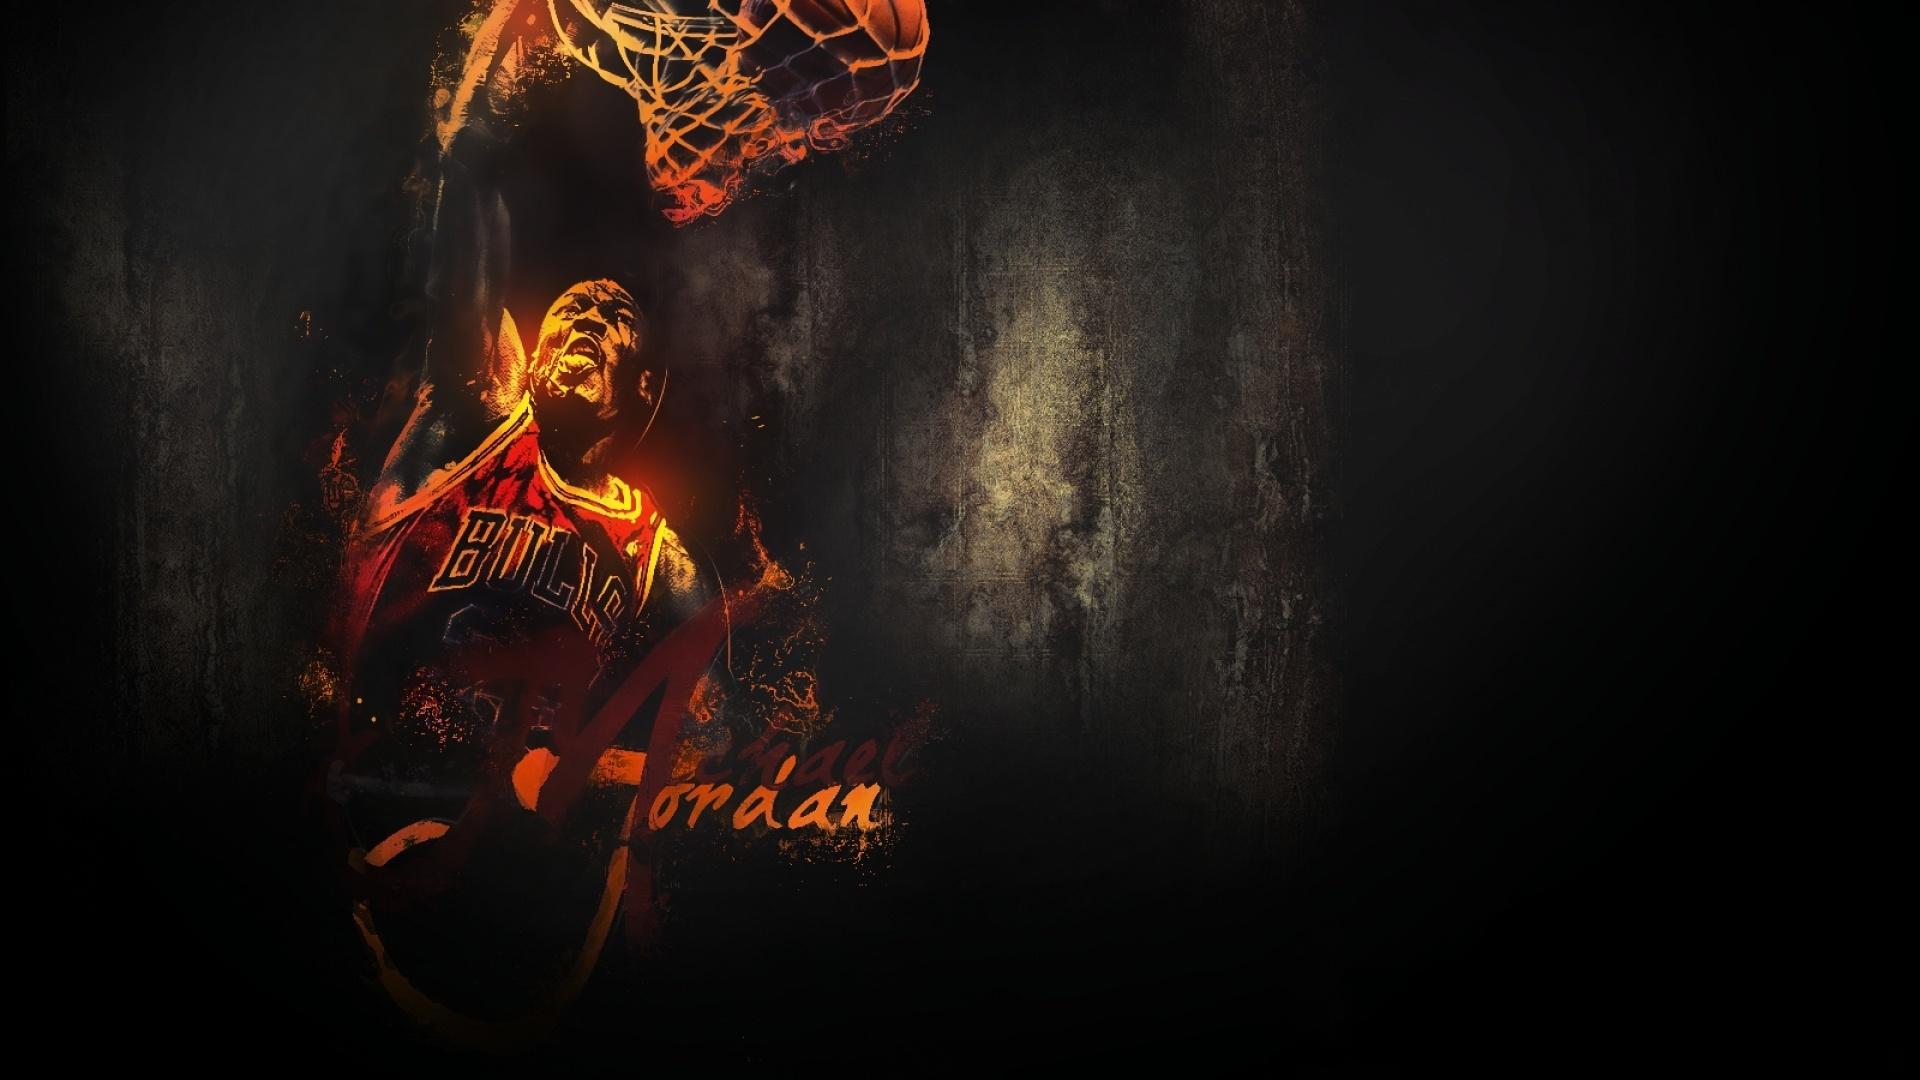 Michael Jordan desktop wallpaper free download